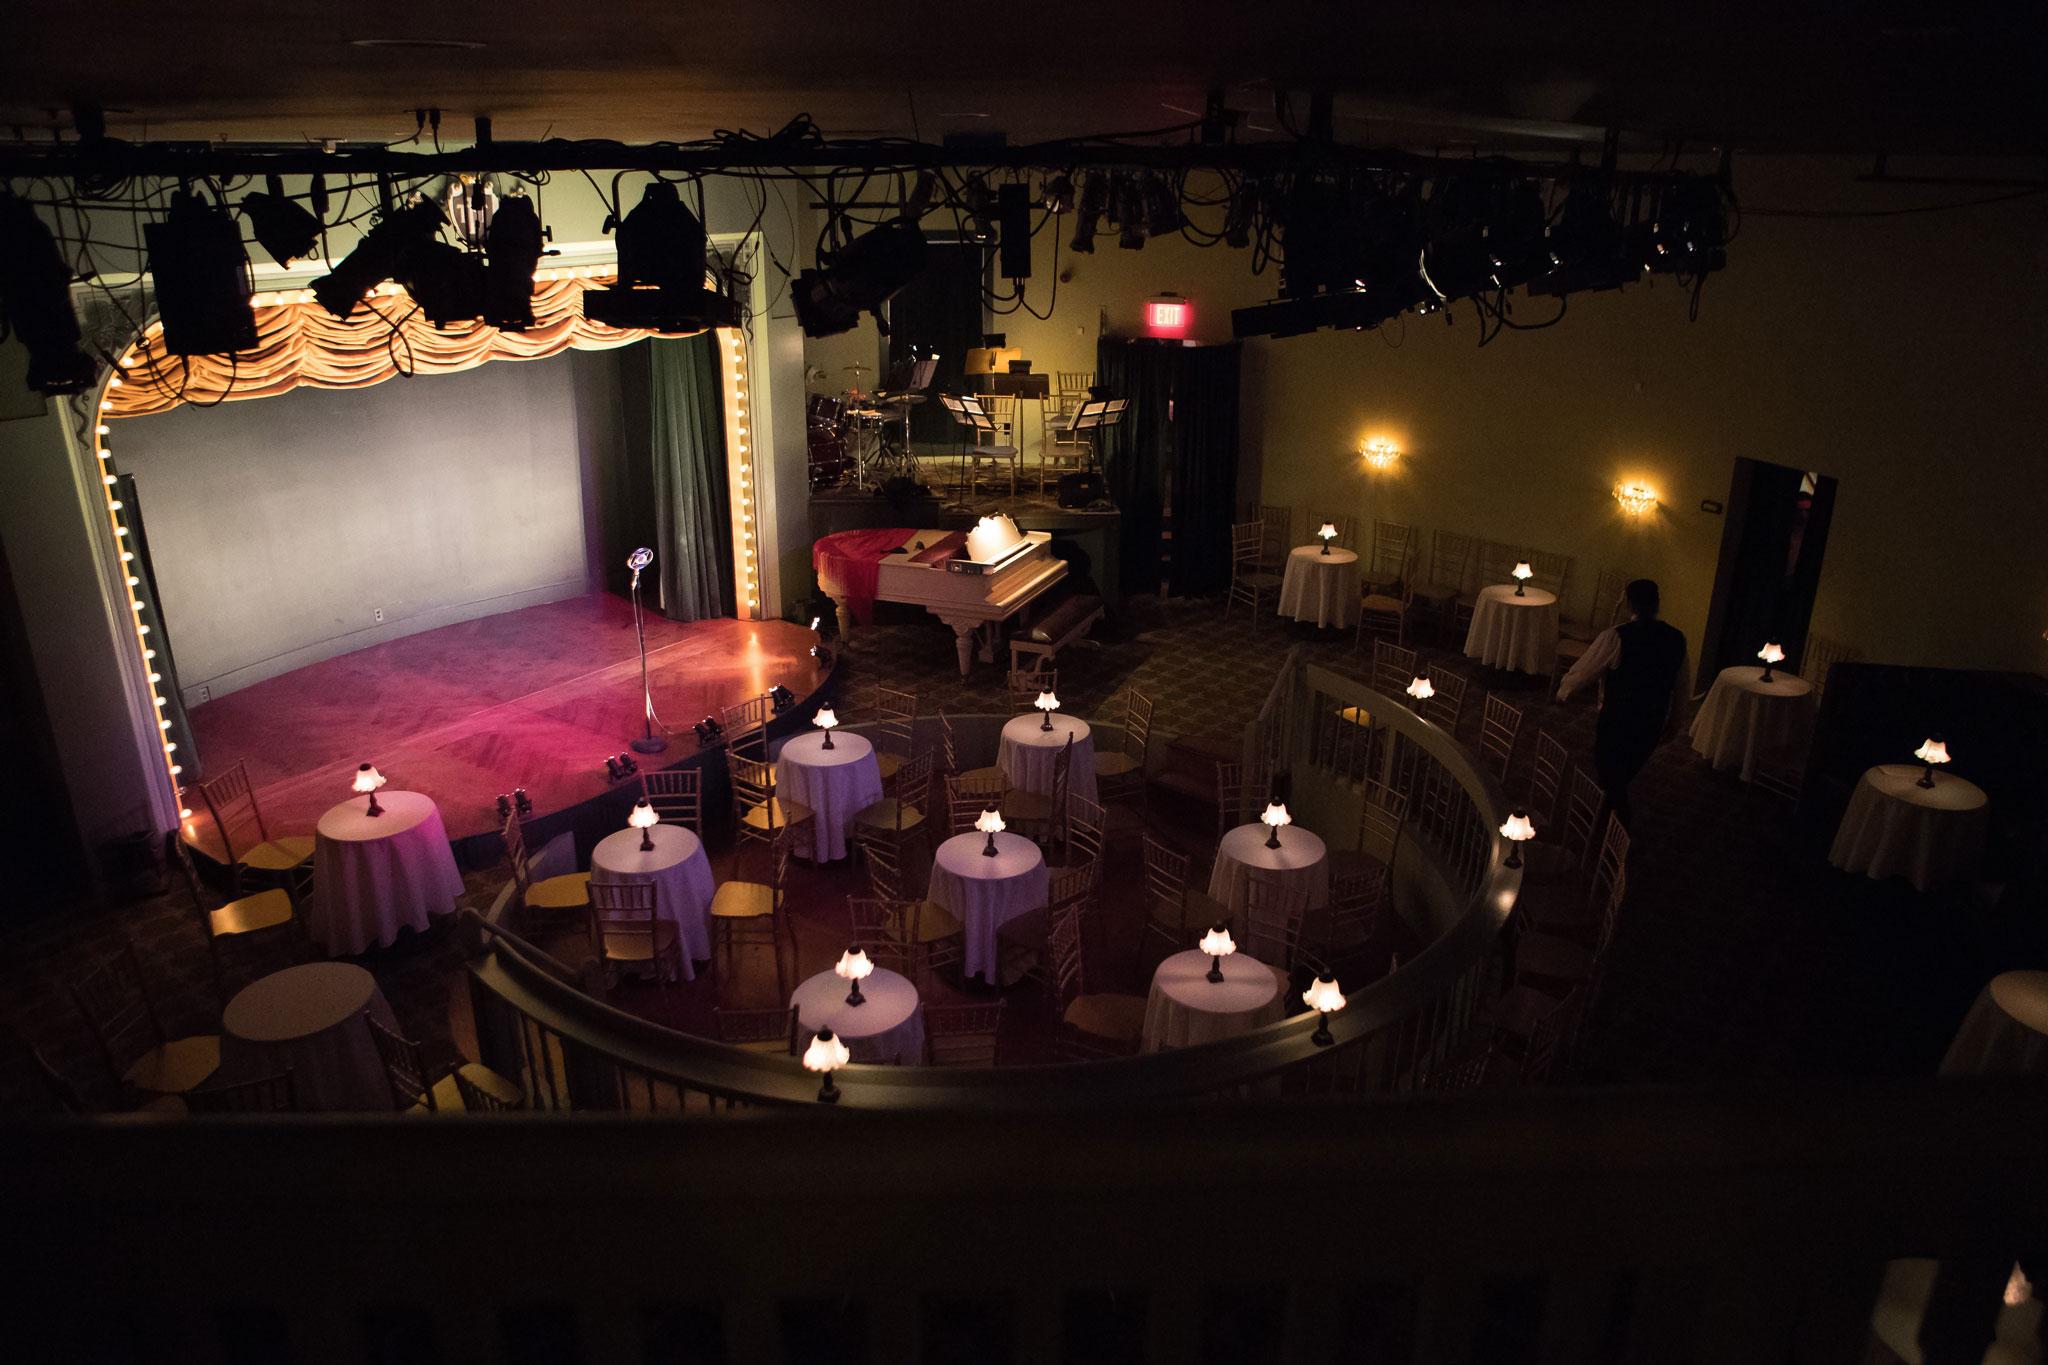 cabaret-proscenium